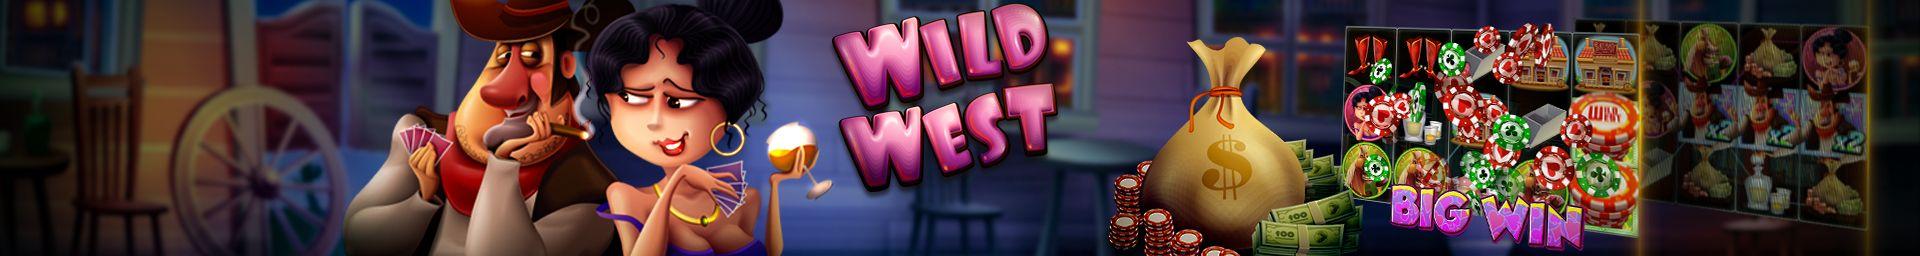 NYX wild west